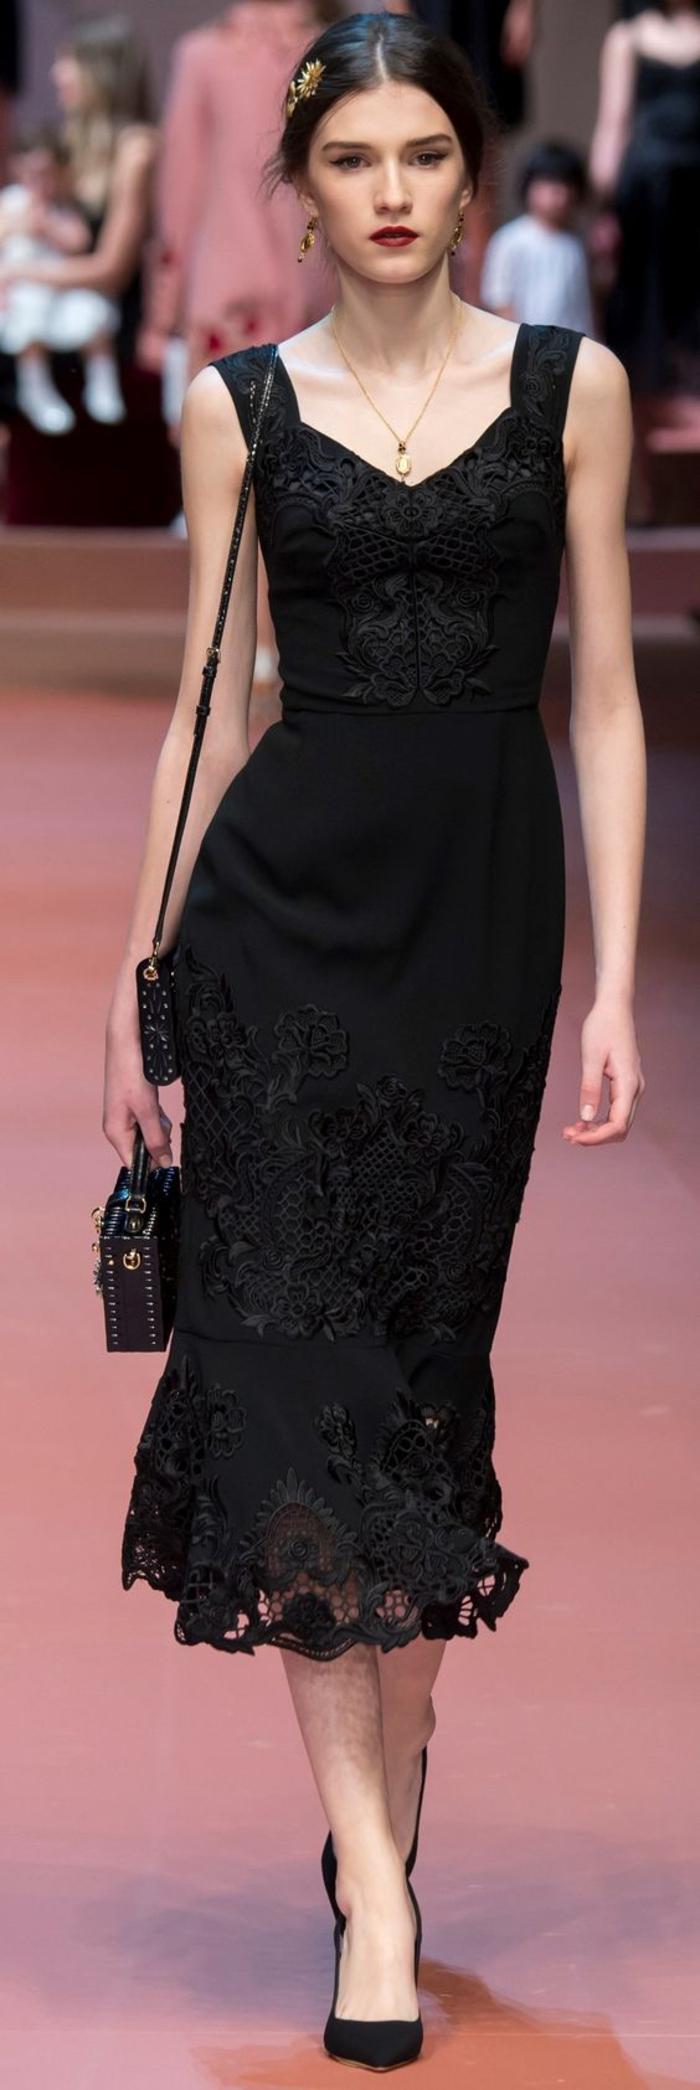 Ein paar tolle Ideen, wie Sie ein schwarzes Kleid kombinieren